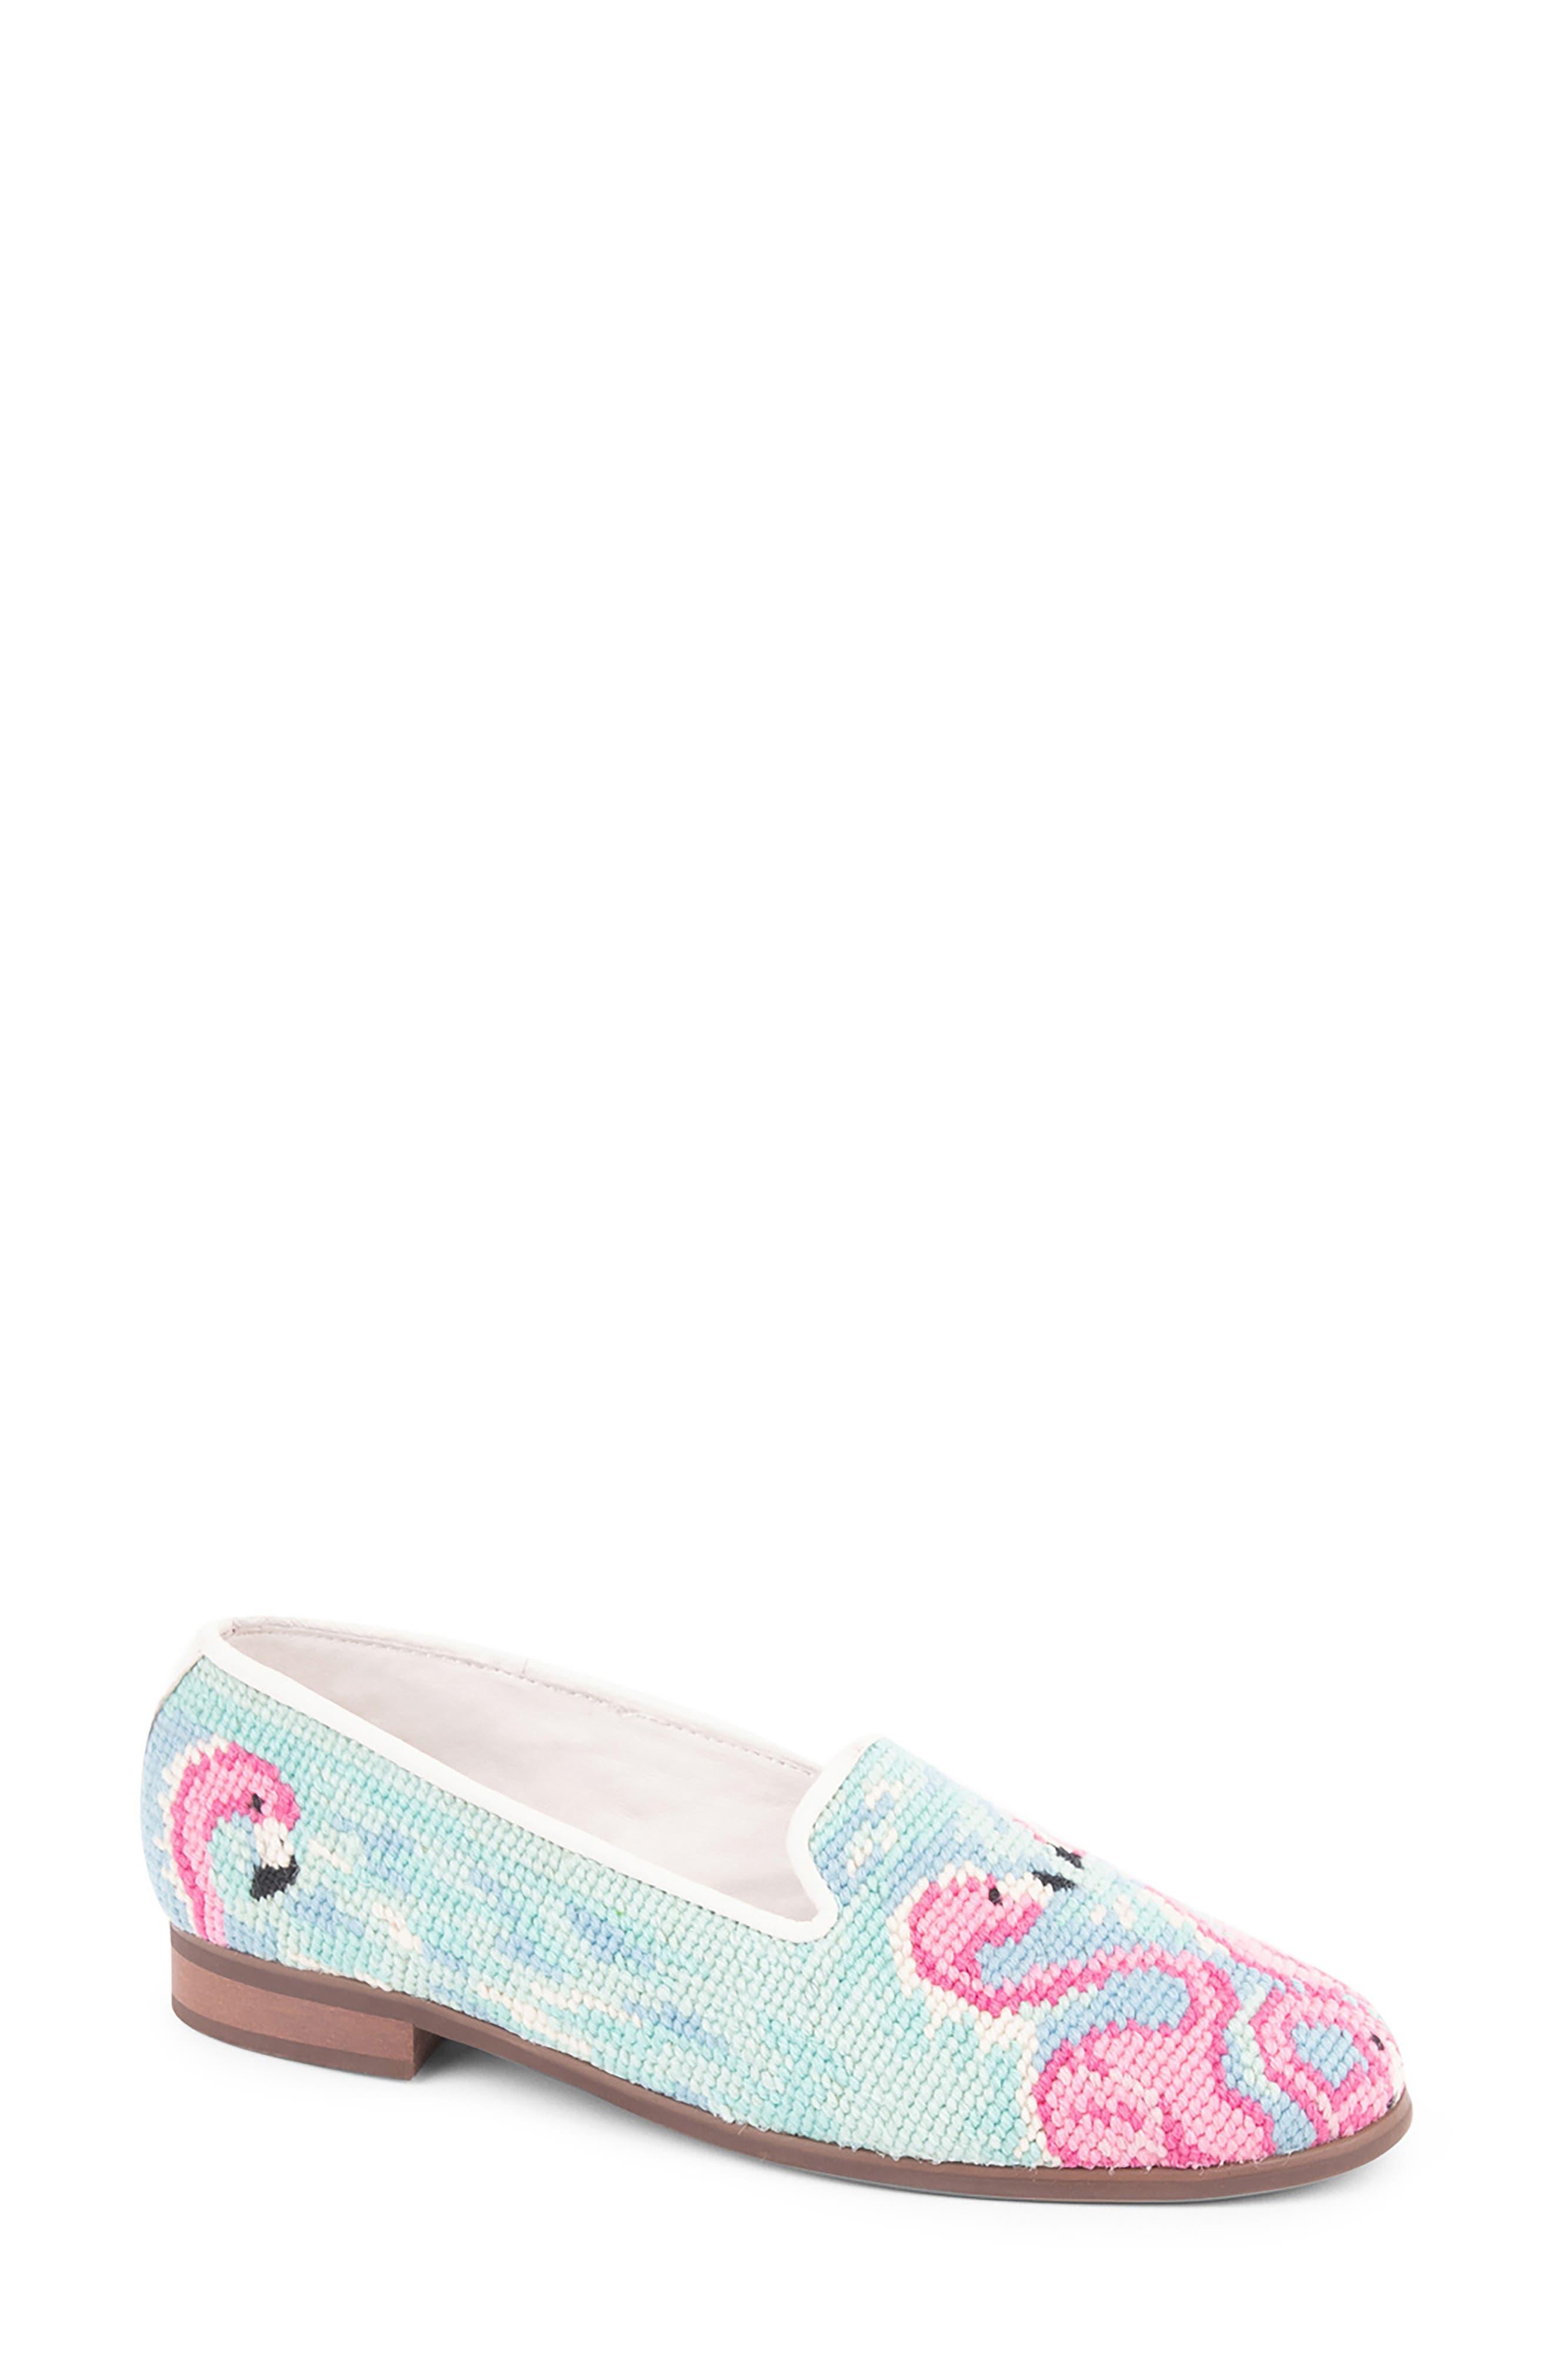 Needlepoint Flamingo Flat